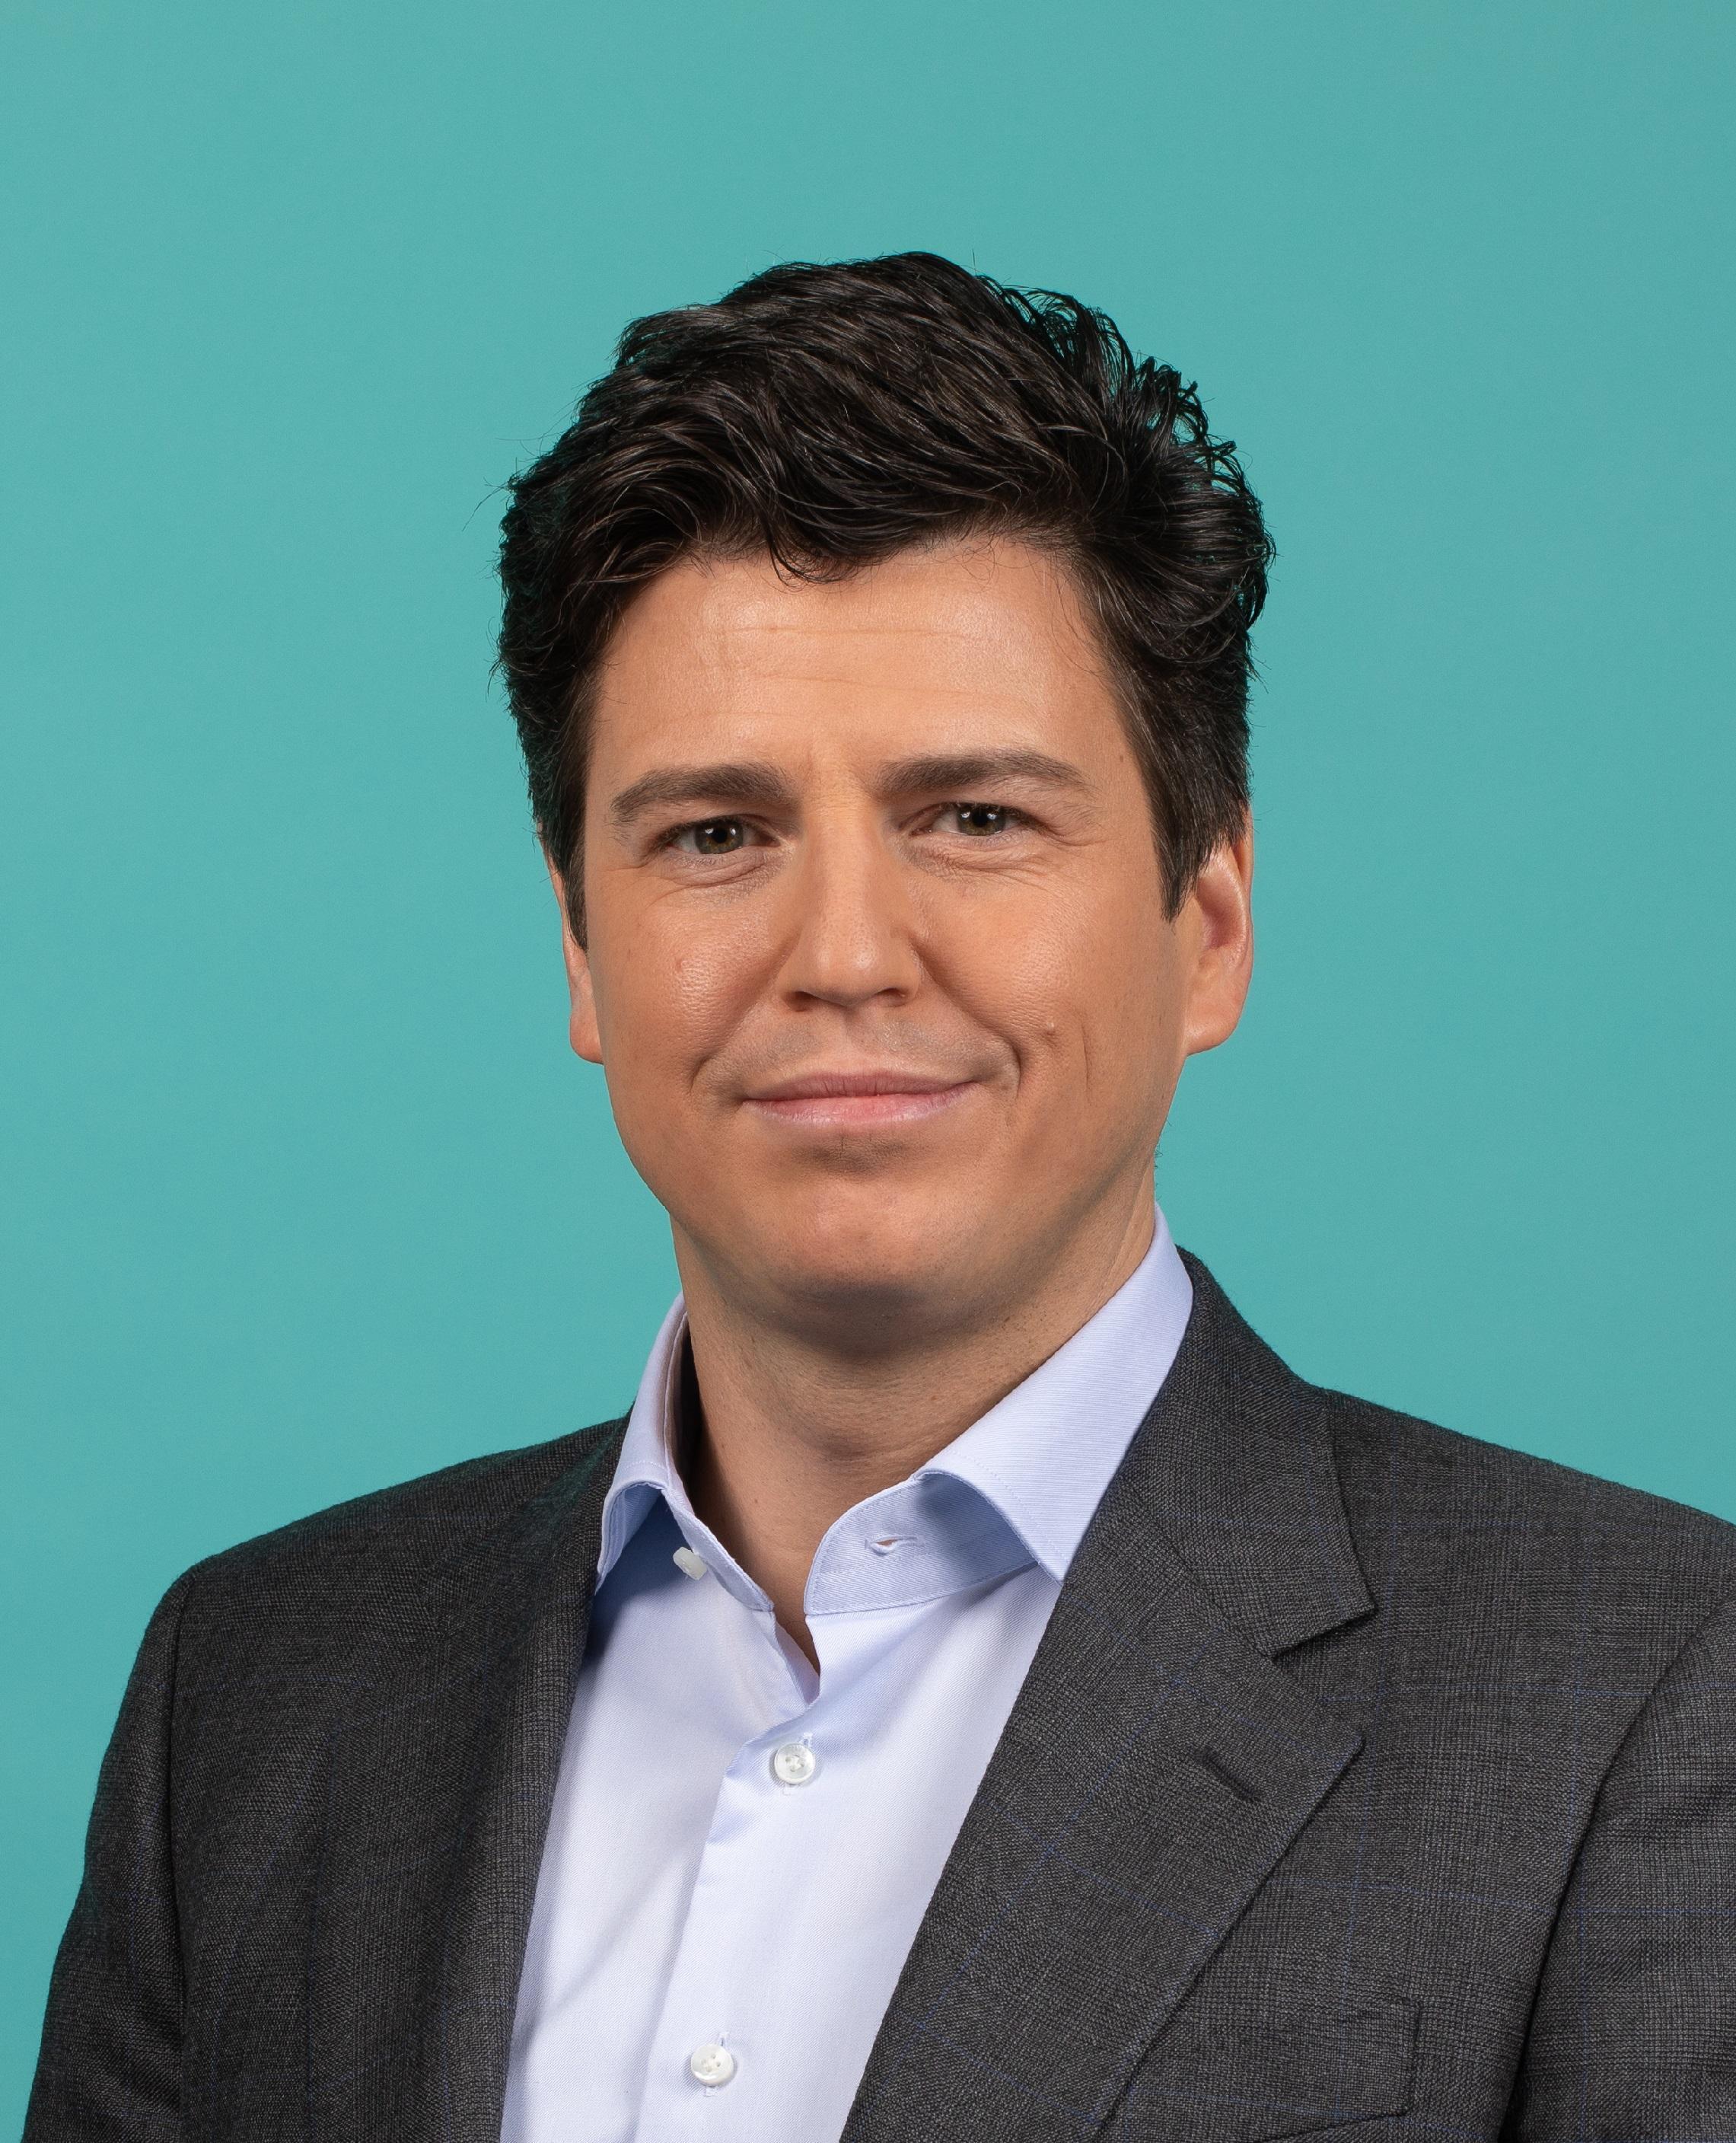 Naarder Daan Versteeg nieuwe voorzitter CDA Noord-Holland; 'Campagne Lucille Werner op alle mogelijke manieren ondersteunen'